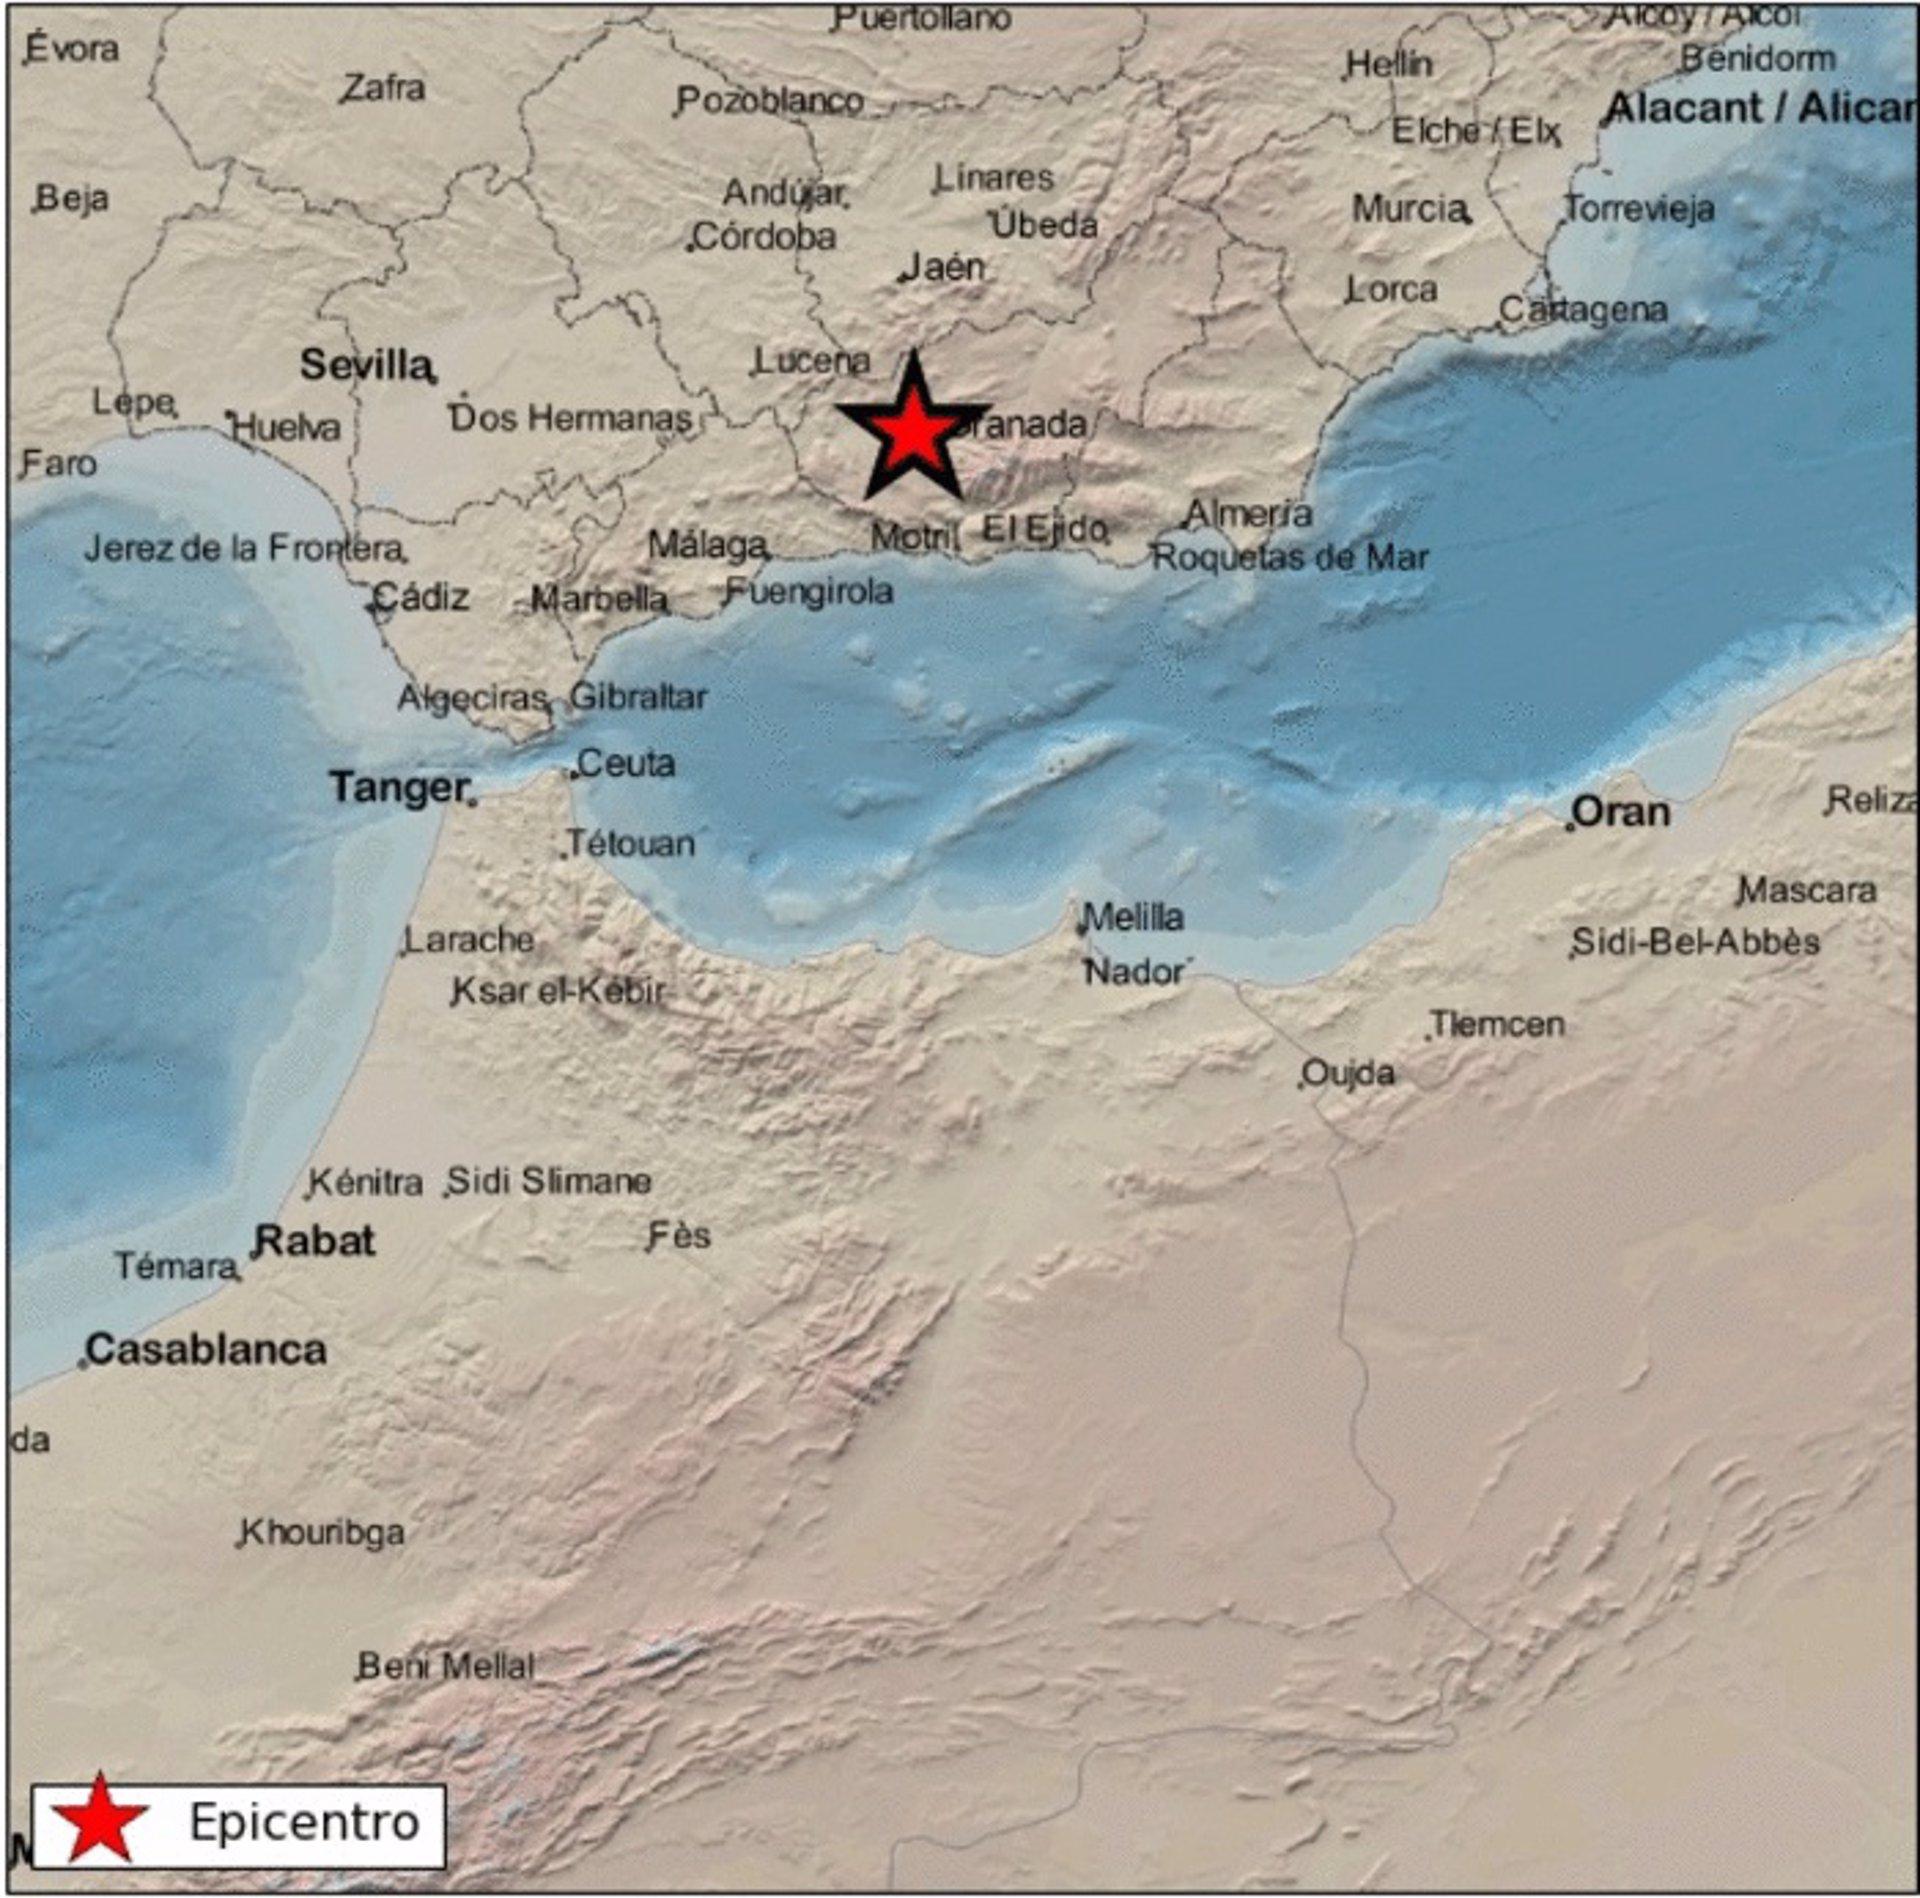 Un nuevo terremoto en Santa Fe alarma a Granada y área metropolitana